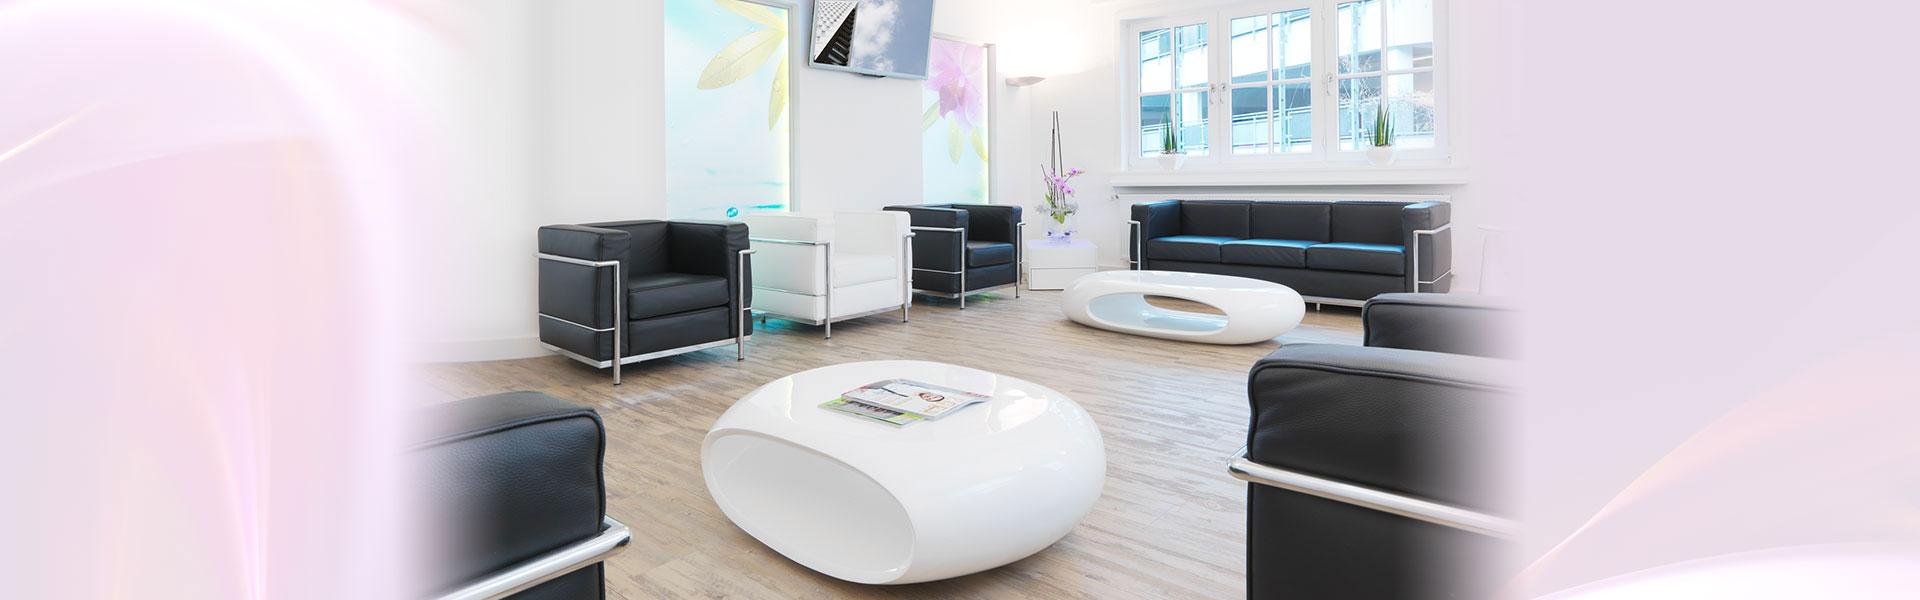 Wartezimmer der zahnärztlichen Gemeinschaftspraxis Dr. Schultze-Gläsner